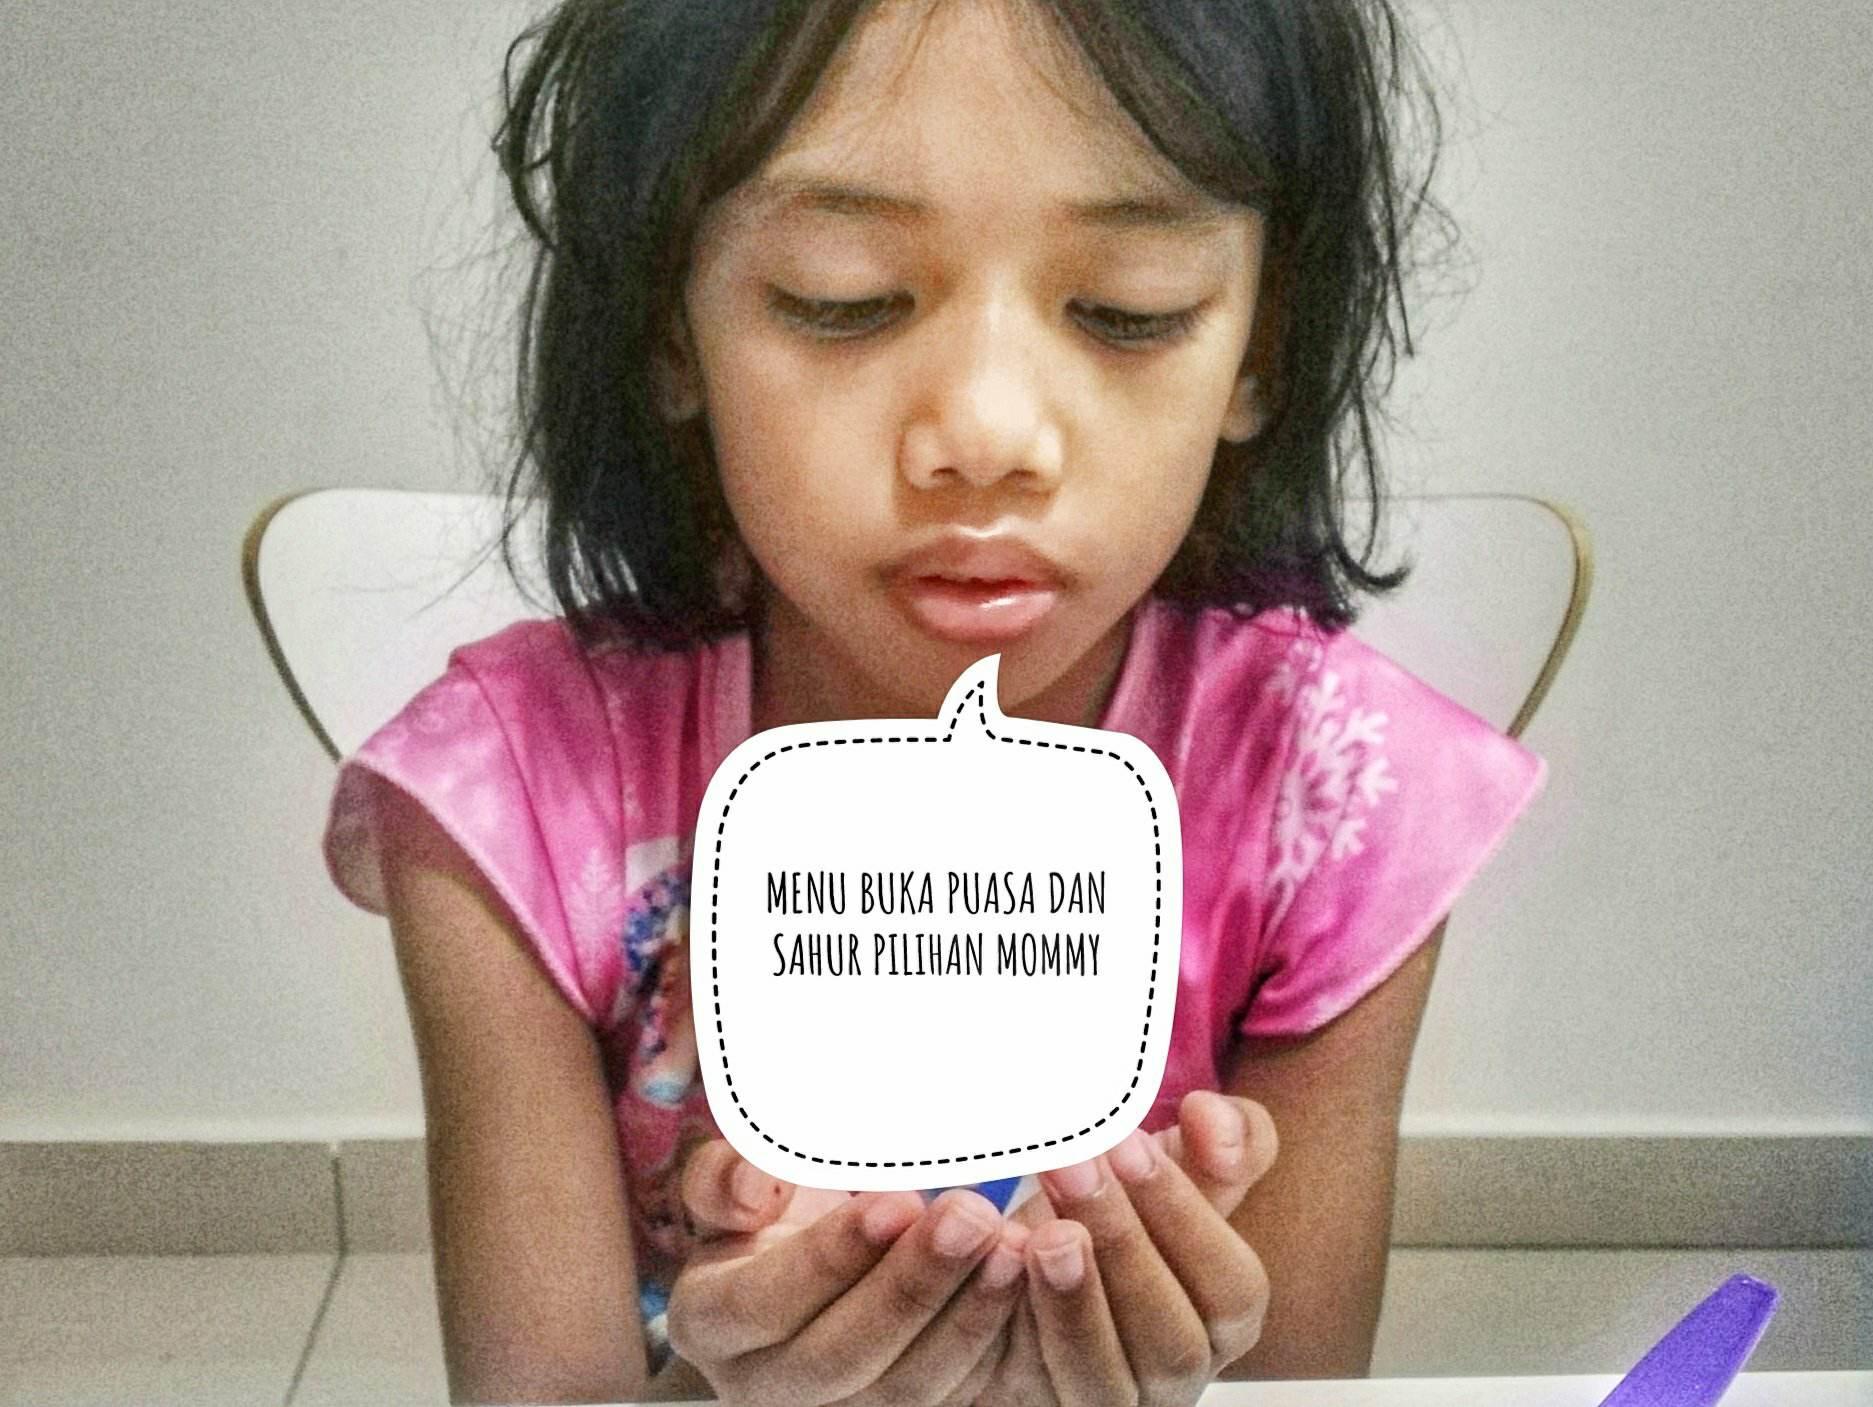 MENU BUKA PUASA DAN SAHUR PILIHAN MOMMY (5)